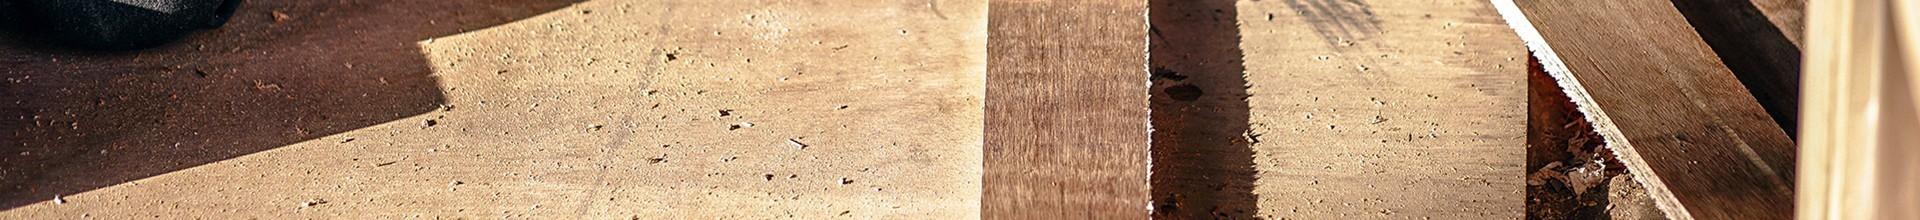 Puy-de-Dôme (63) Solution d'ouverture pour les petites pièces.